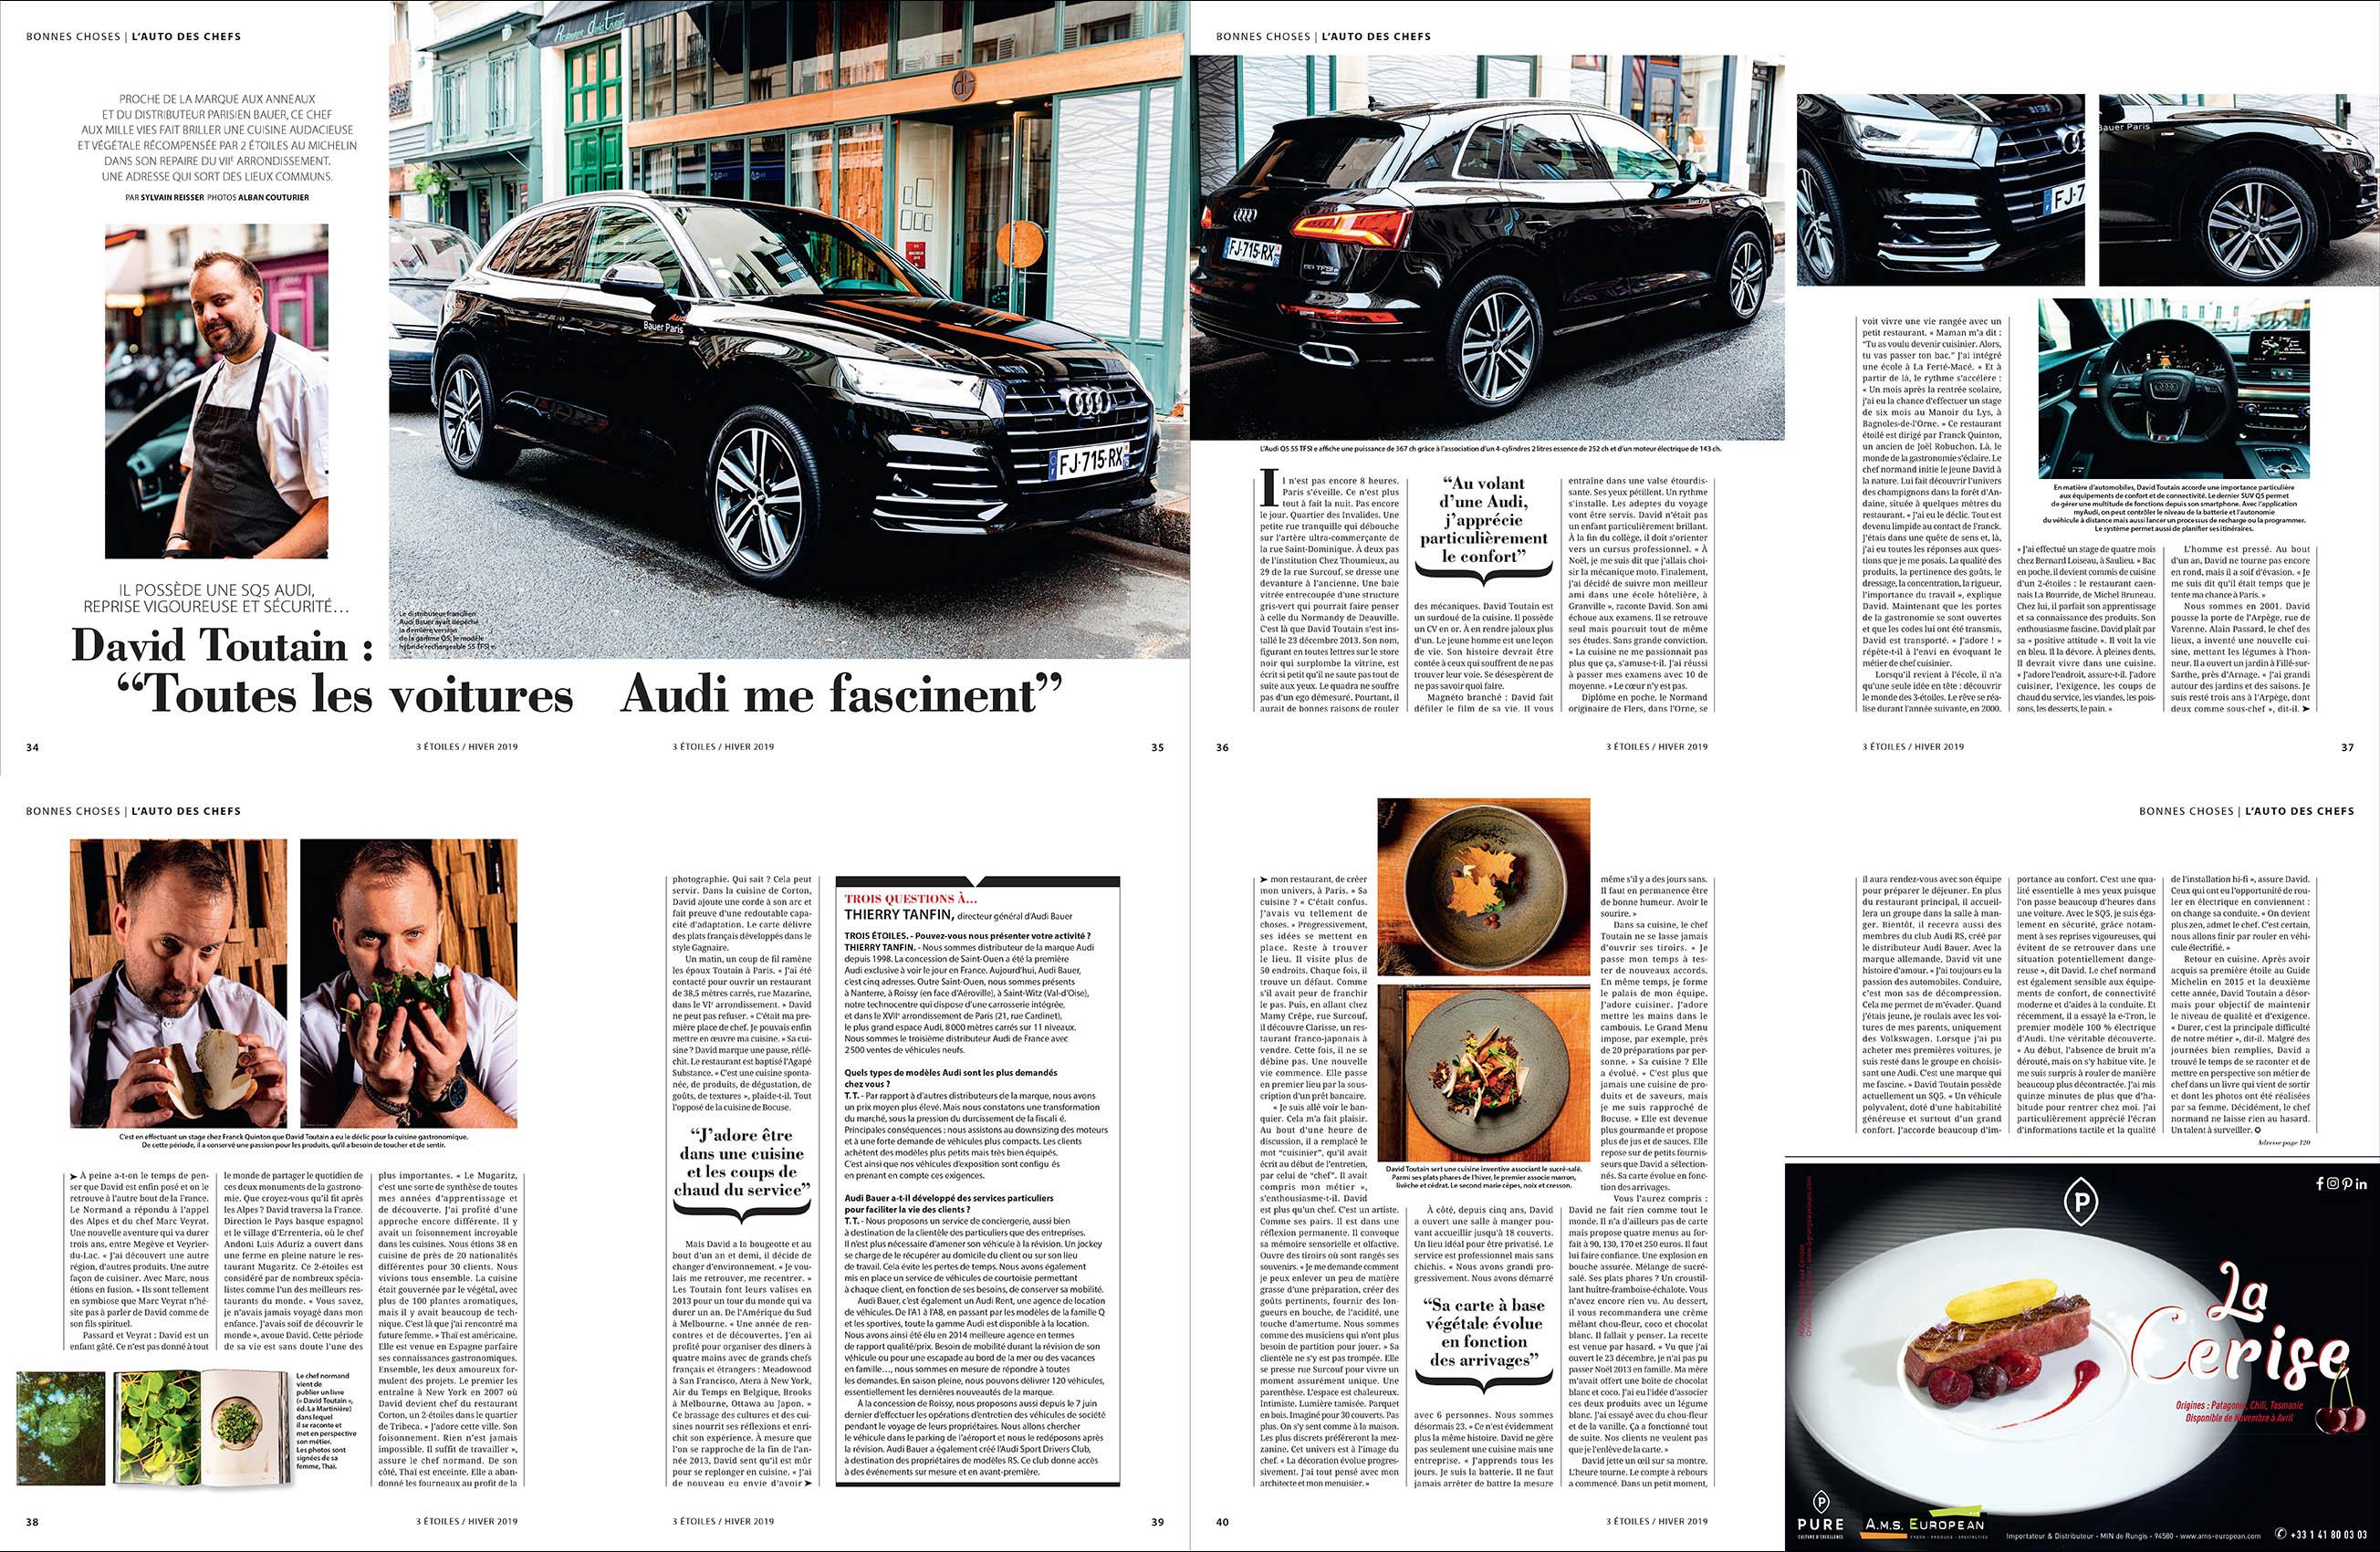 David Toutain, Audi Q5 Hybride, sujet 3 etoiles, ©Alban Couturier